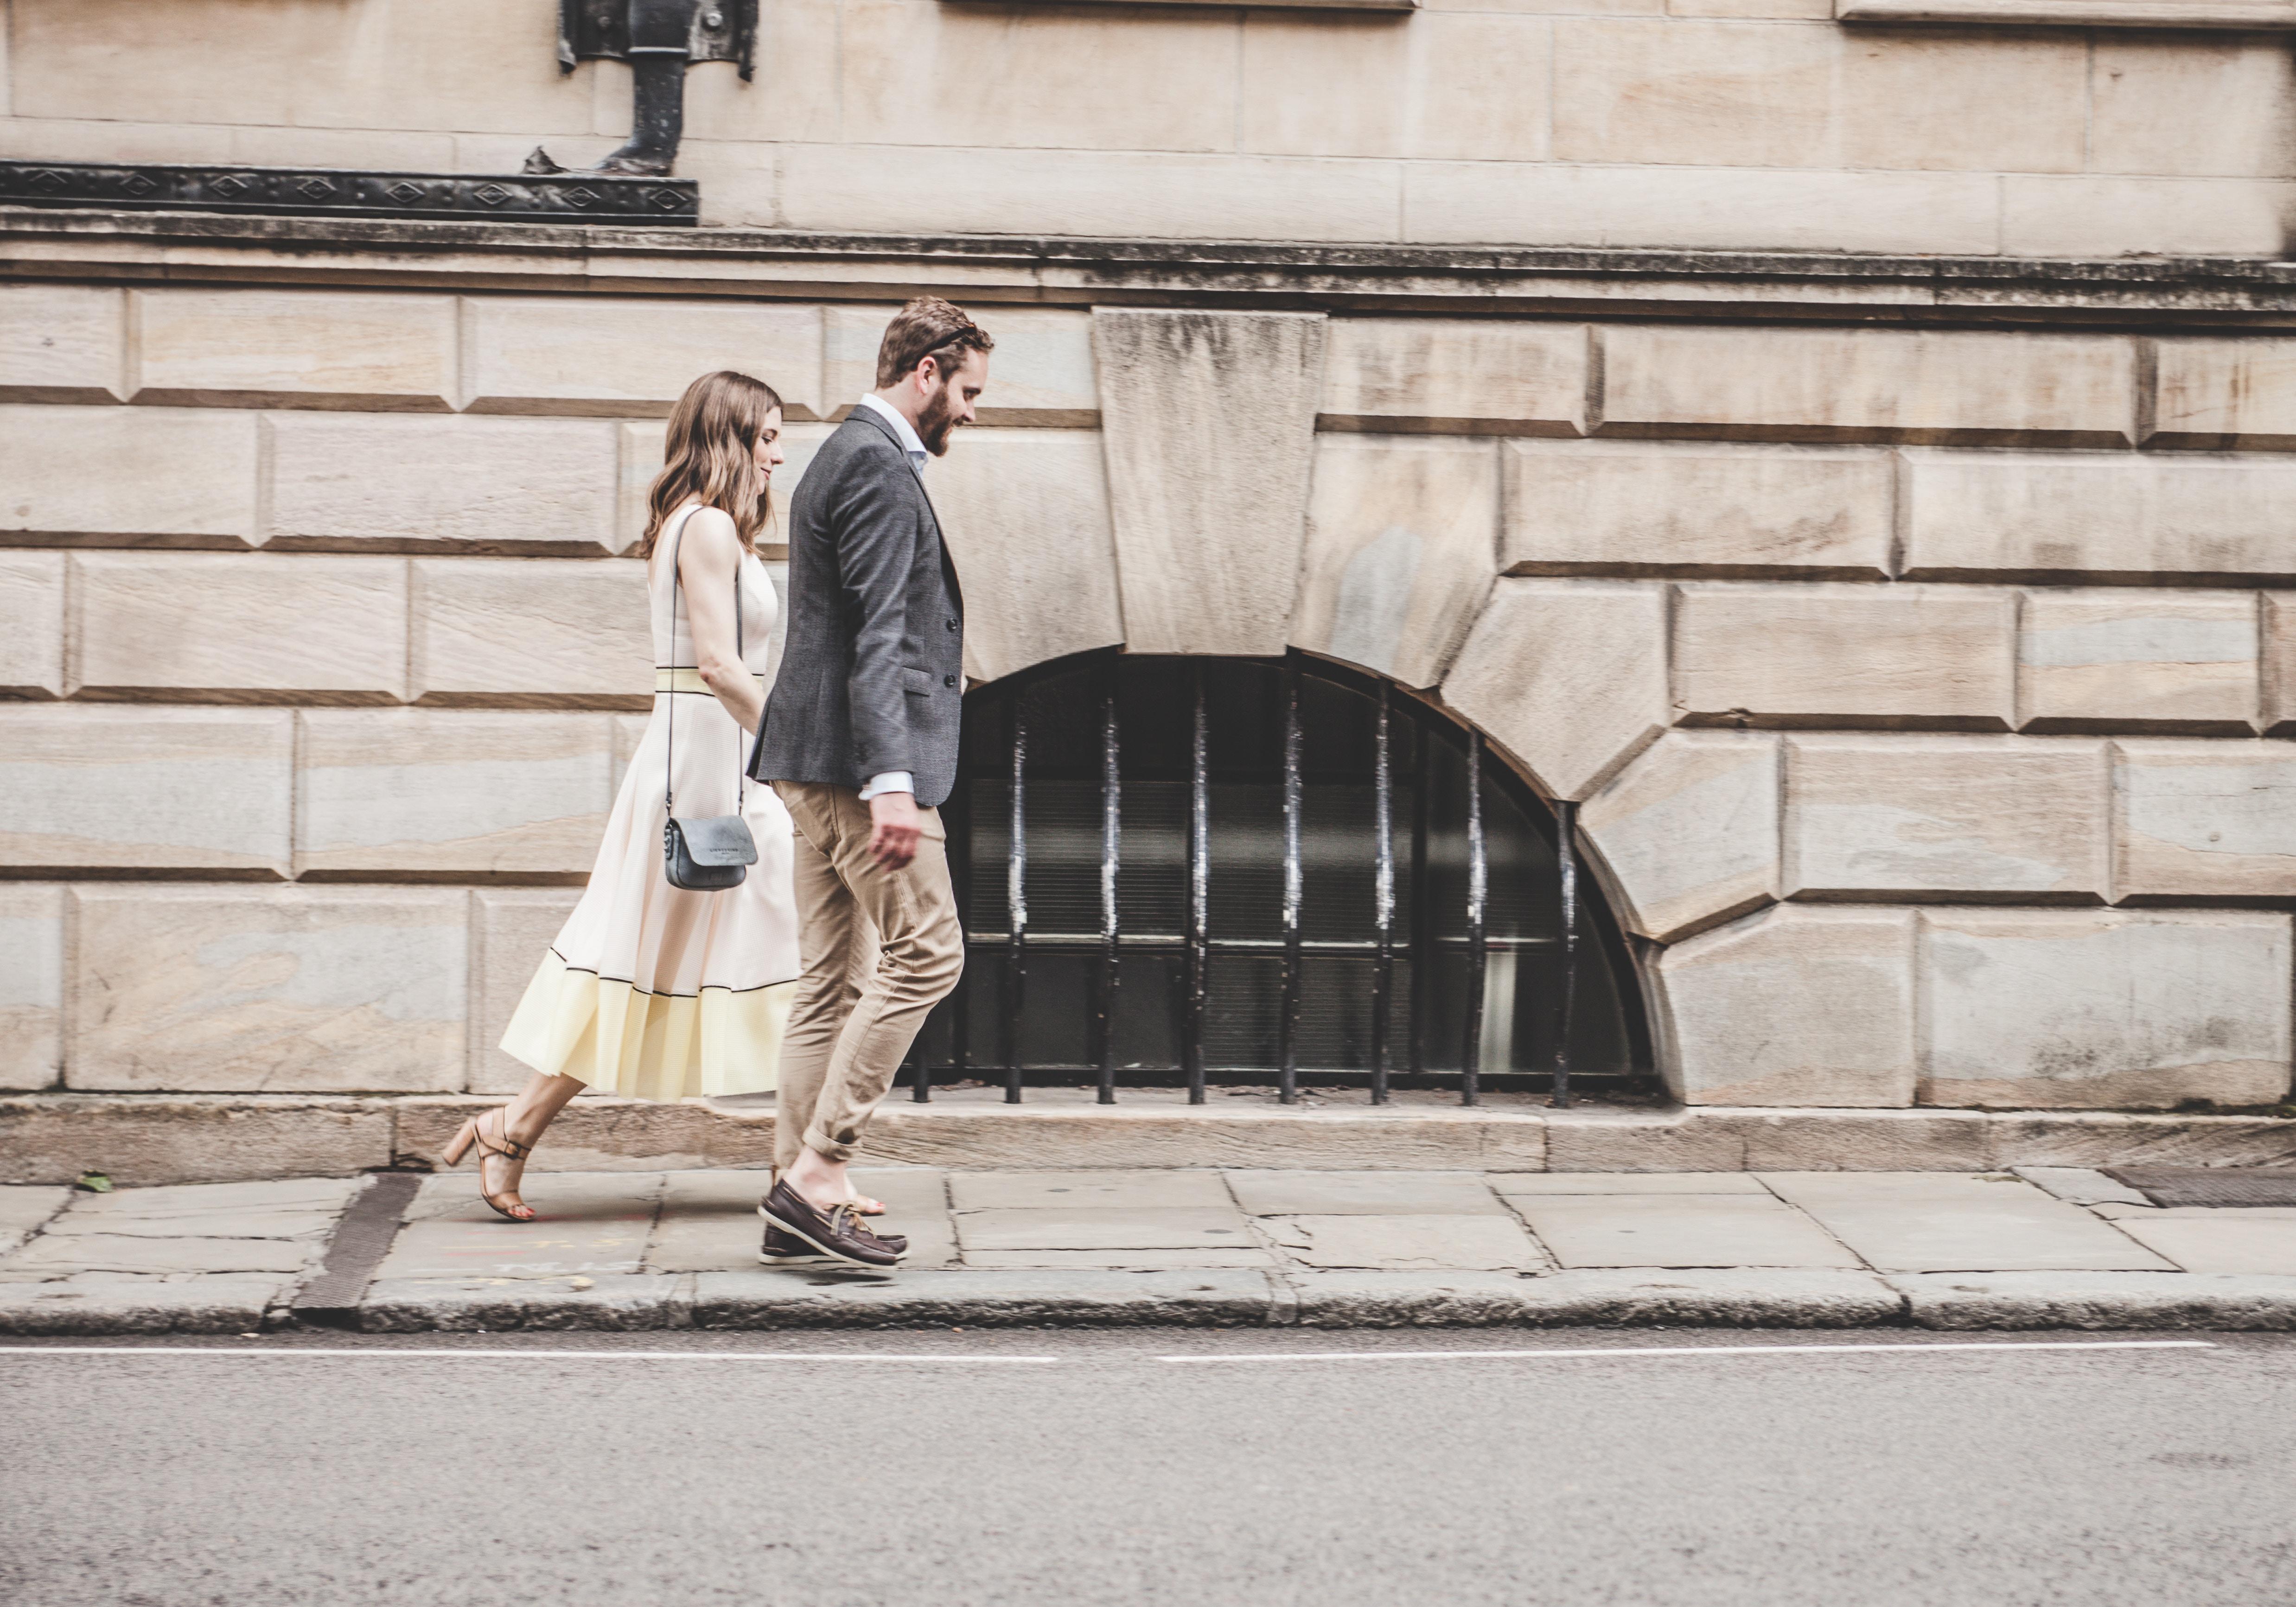 その日限りの出会いなの?婚活での出会いを次につなげる方法